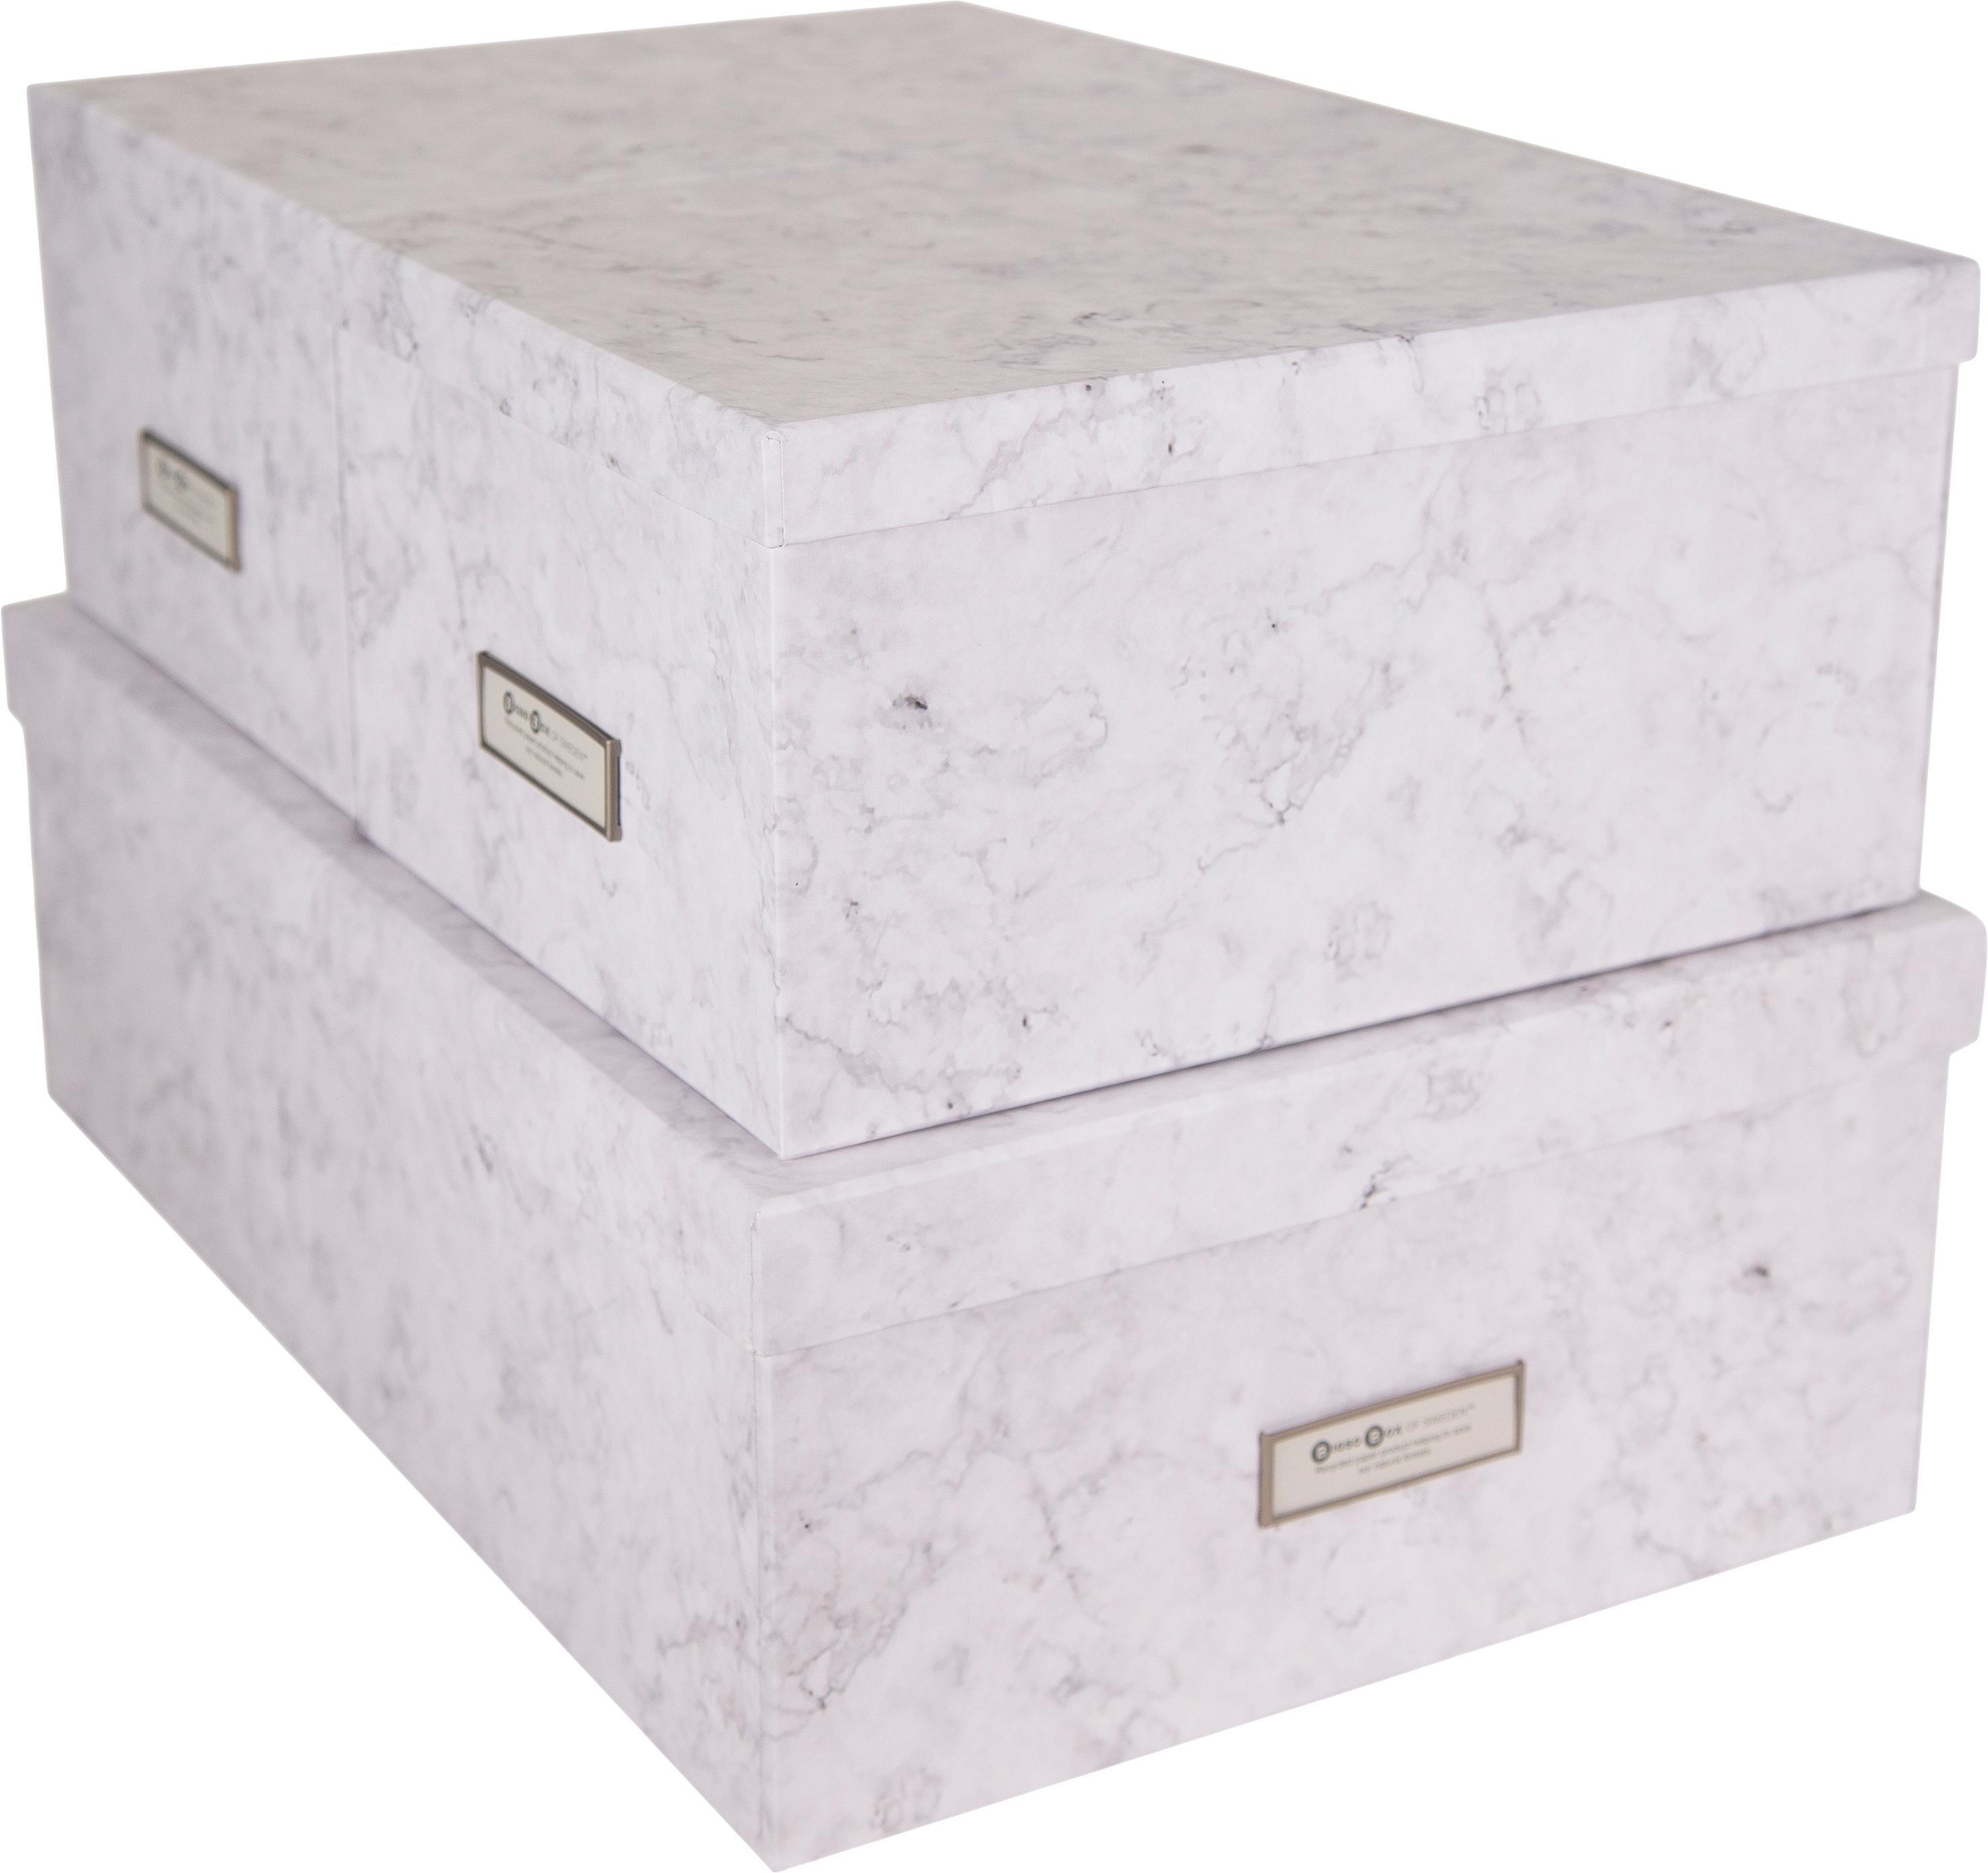 Set de cajas Inge, 3pzas., Caja: cartón laminado, Blanco veteado, Tamaños diferentes